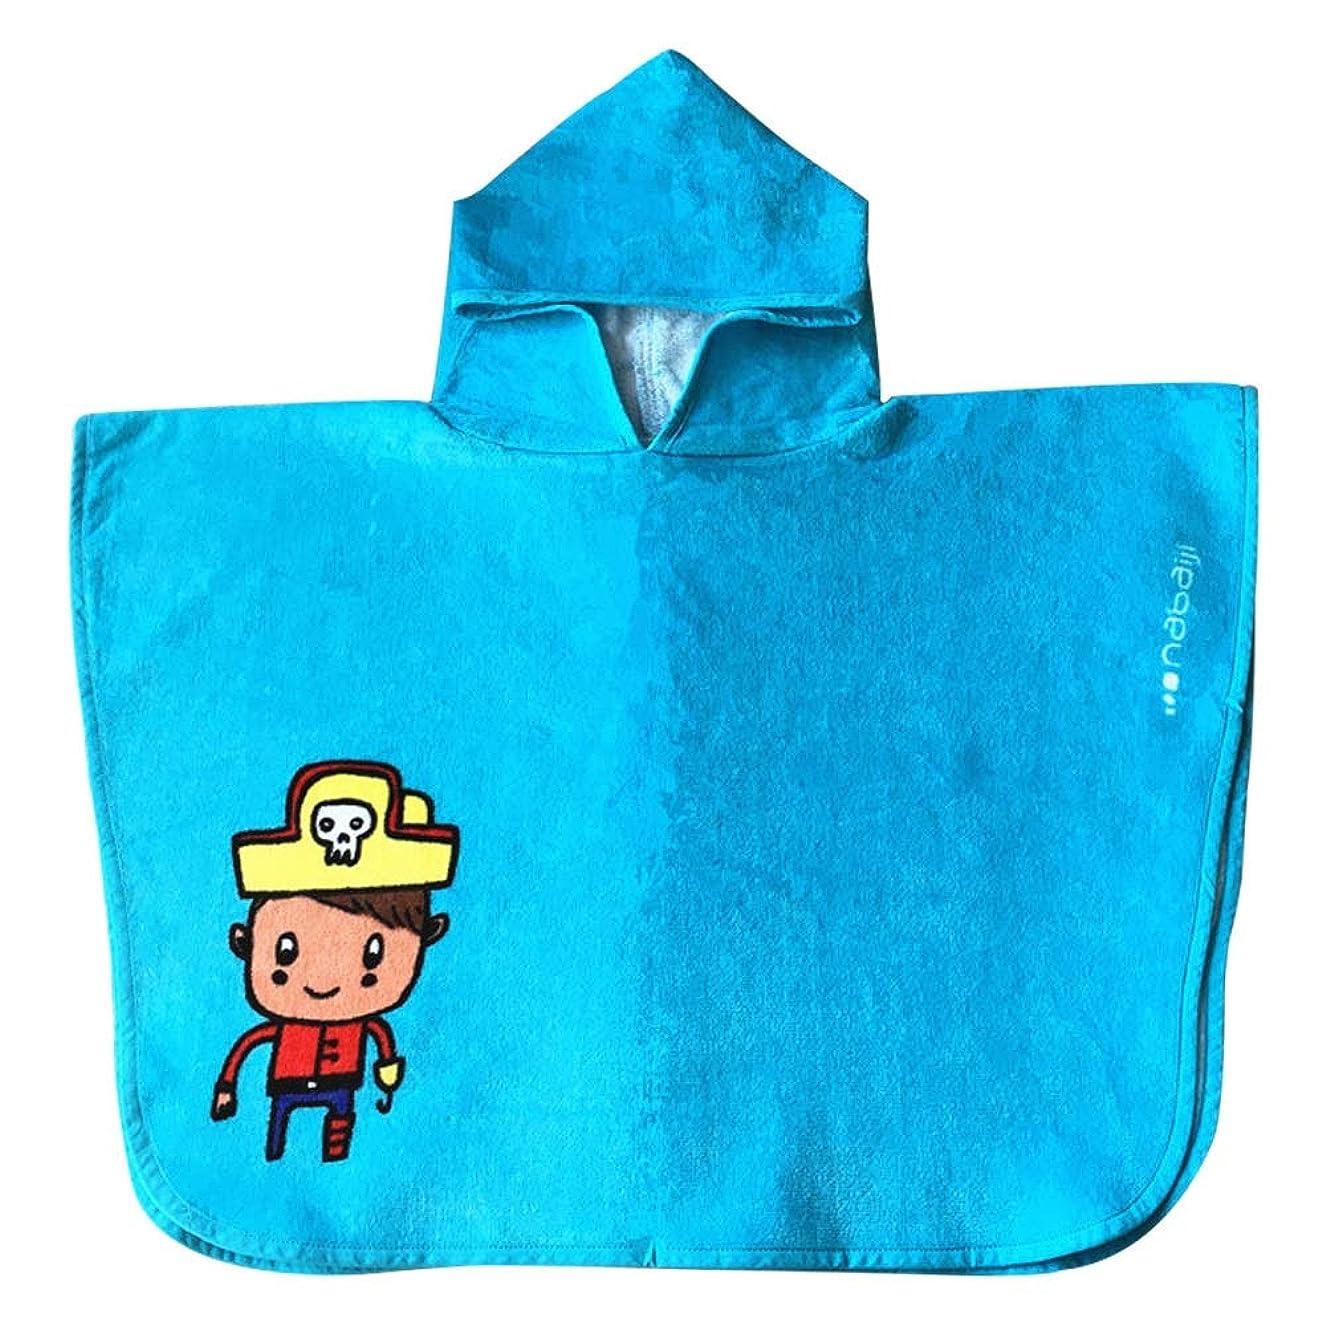 建築家脳抽象キッズ/幼児タオル - 綿100% - キッズバスタオルビーチタオルプールスイミングカバーアップなどに使用 - すべての季節のための超通気性とソフト - 45 * 70 cm / 17.5 * 27.5インチ (Color : Blue)